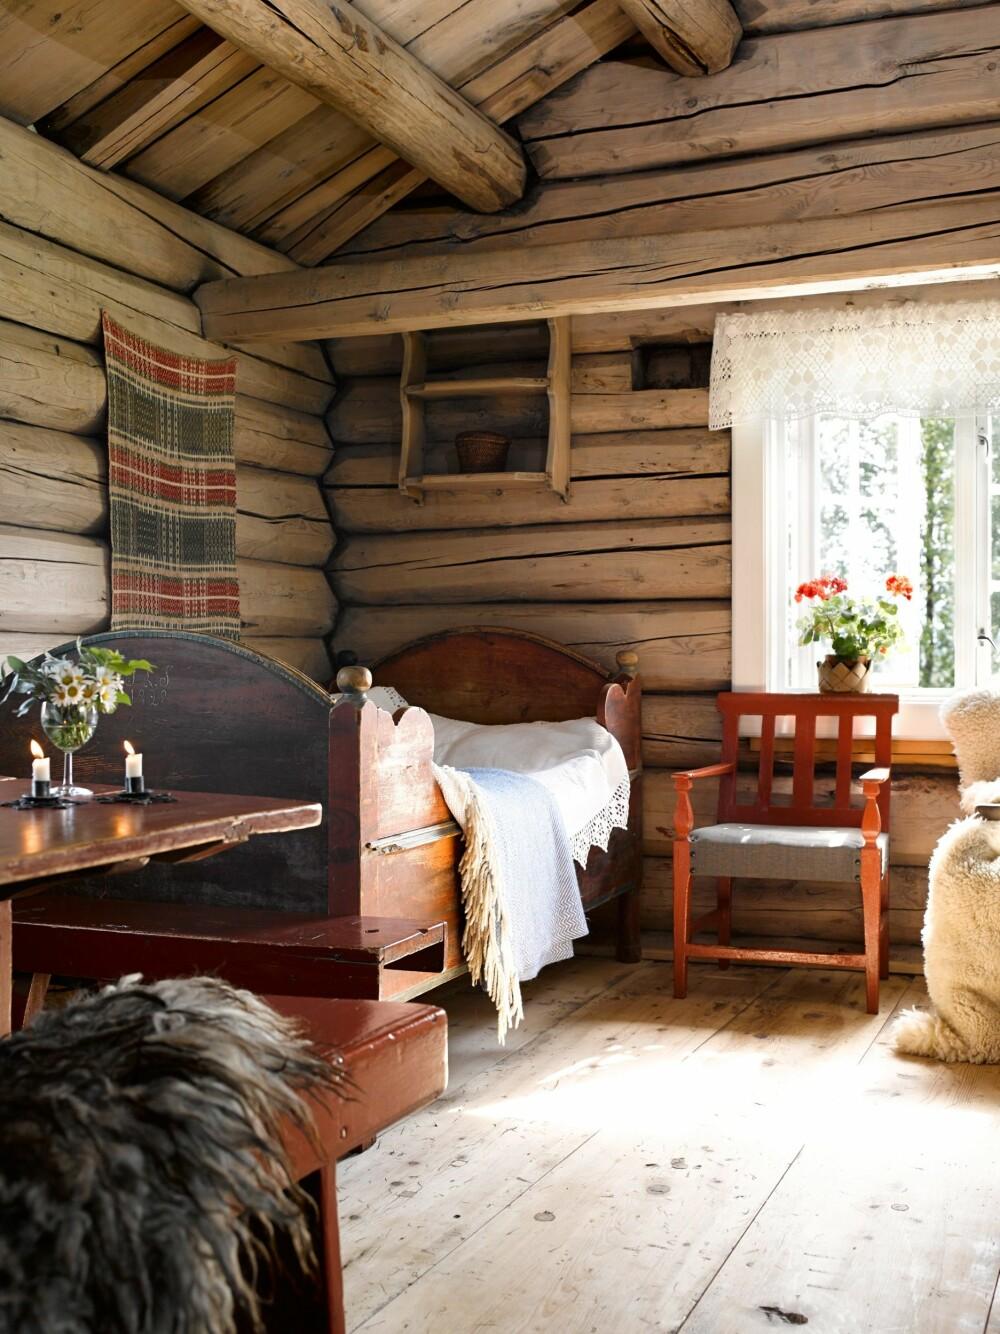 FAVORITTEN: Dagsengen i stuen er et favorittmøbel. Den er godt brukt og visstnok fantastisk å ligge i etter fjøsstellet. Sengen er fra begynnelsen av 1800-tallet.